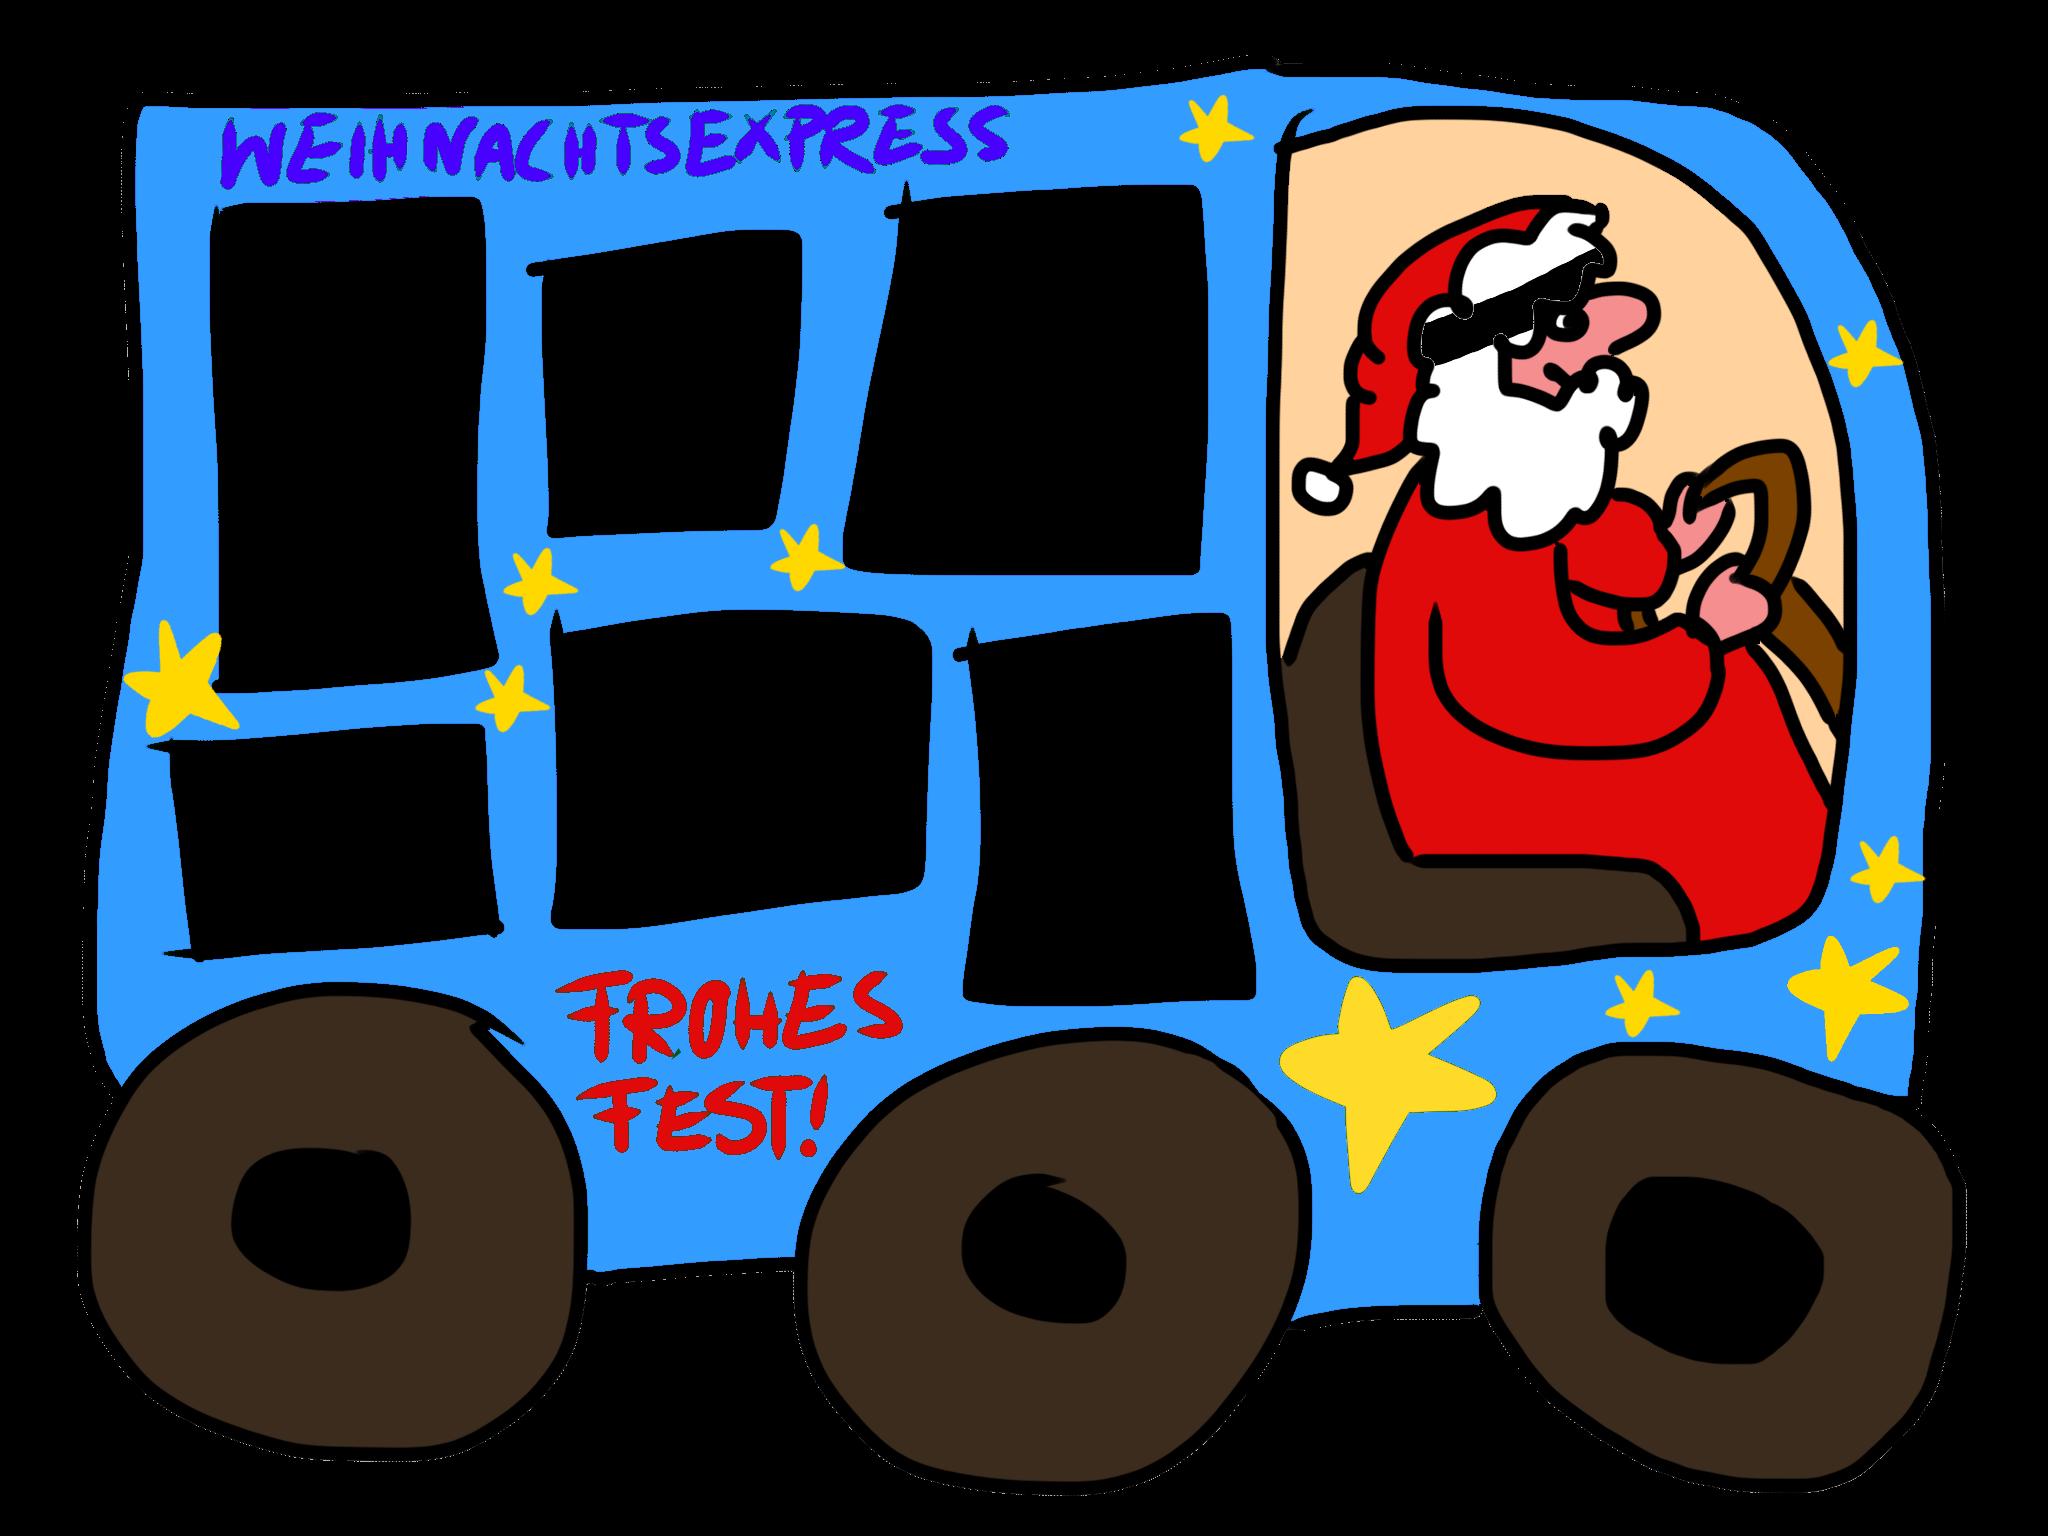 Weihnachtsexpress Weihnachtsmann im Auto